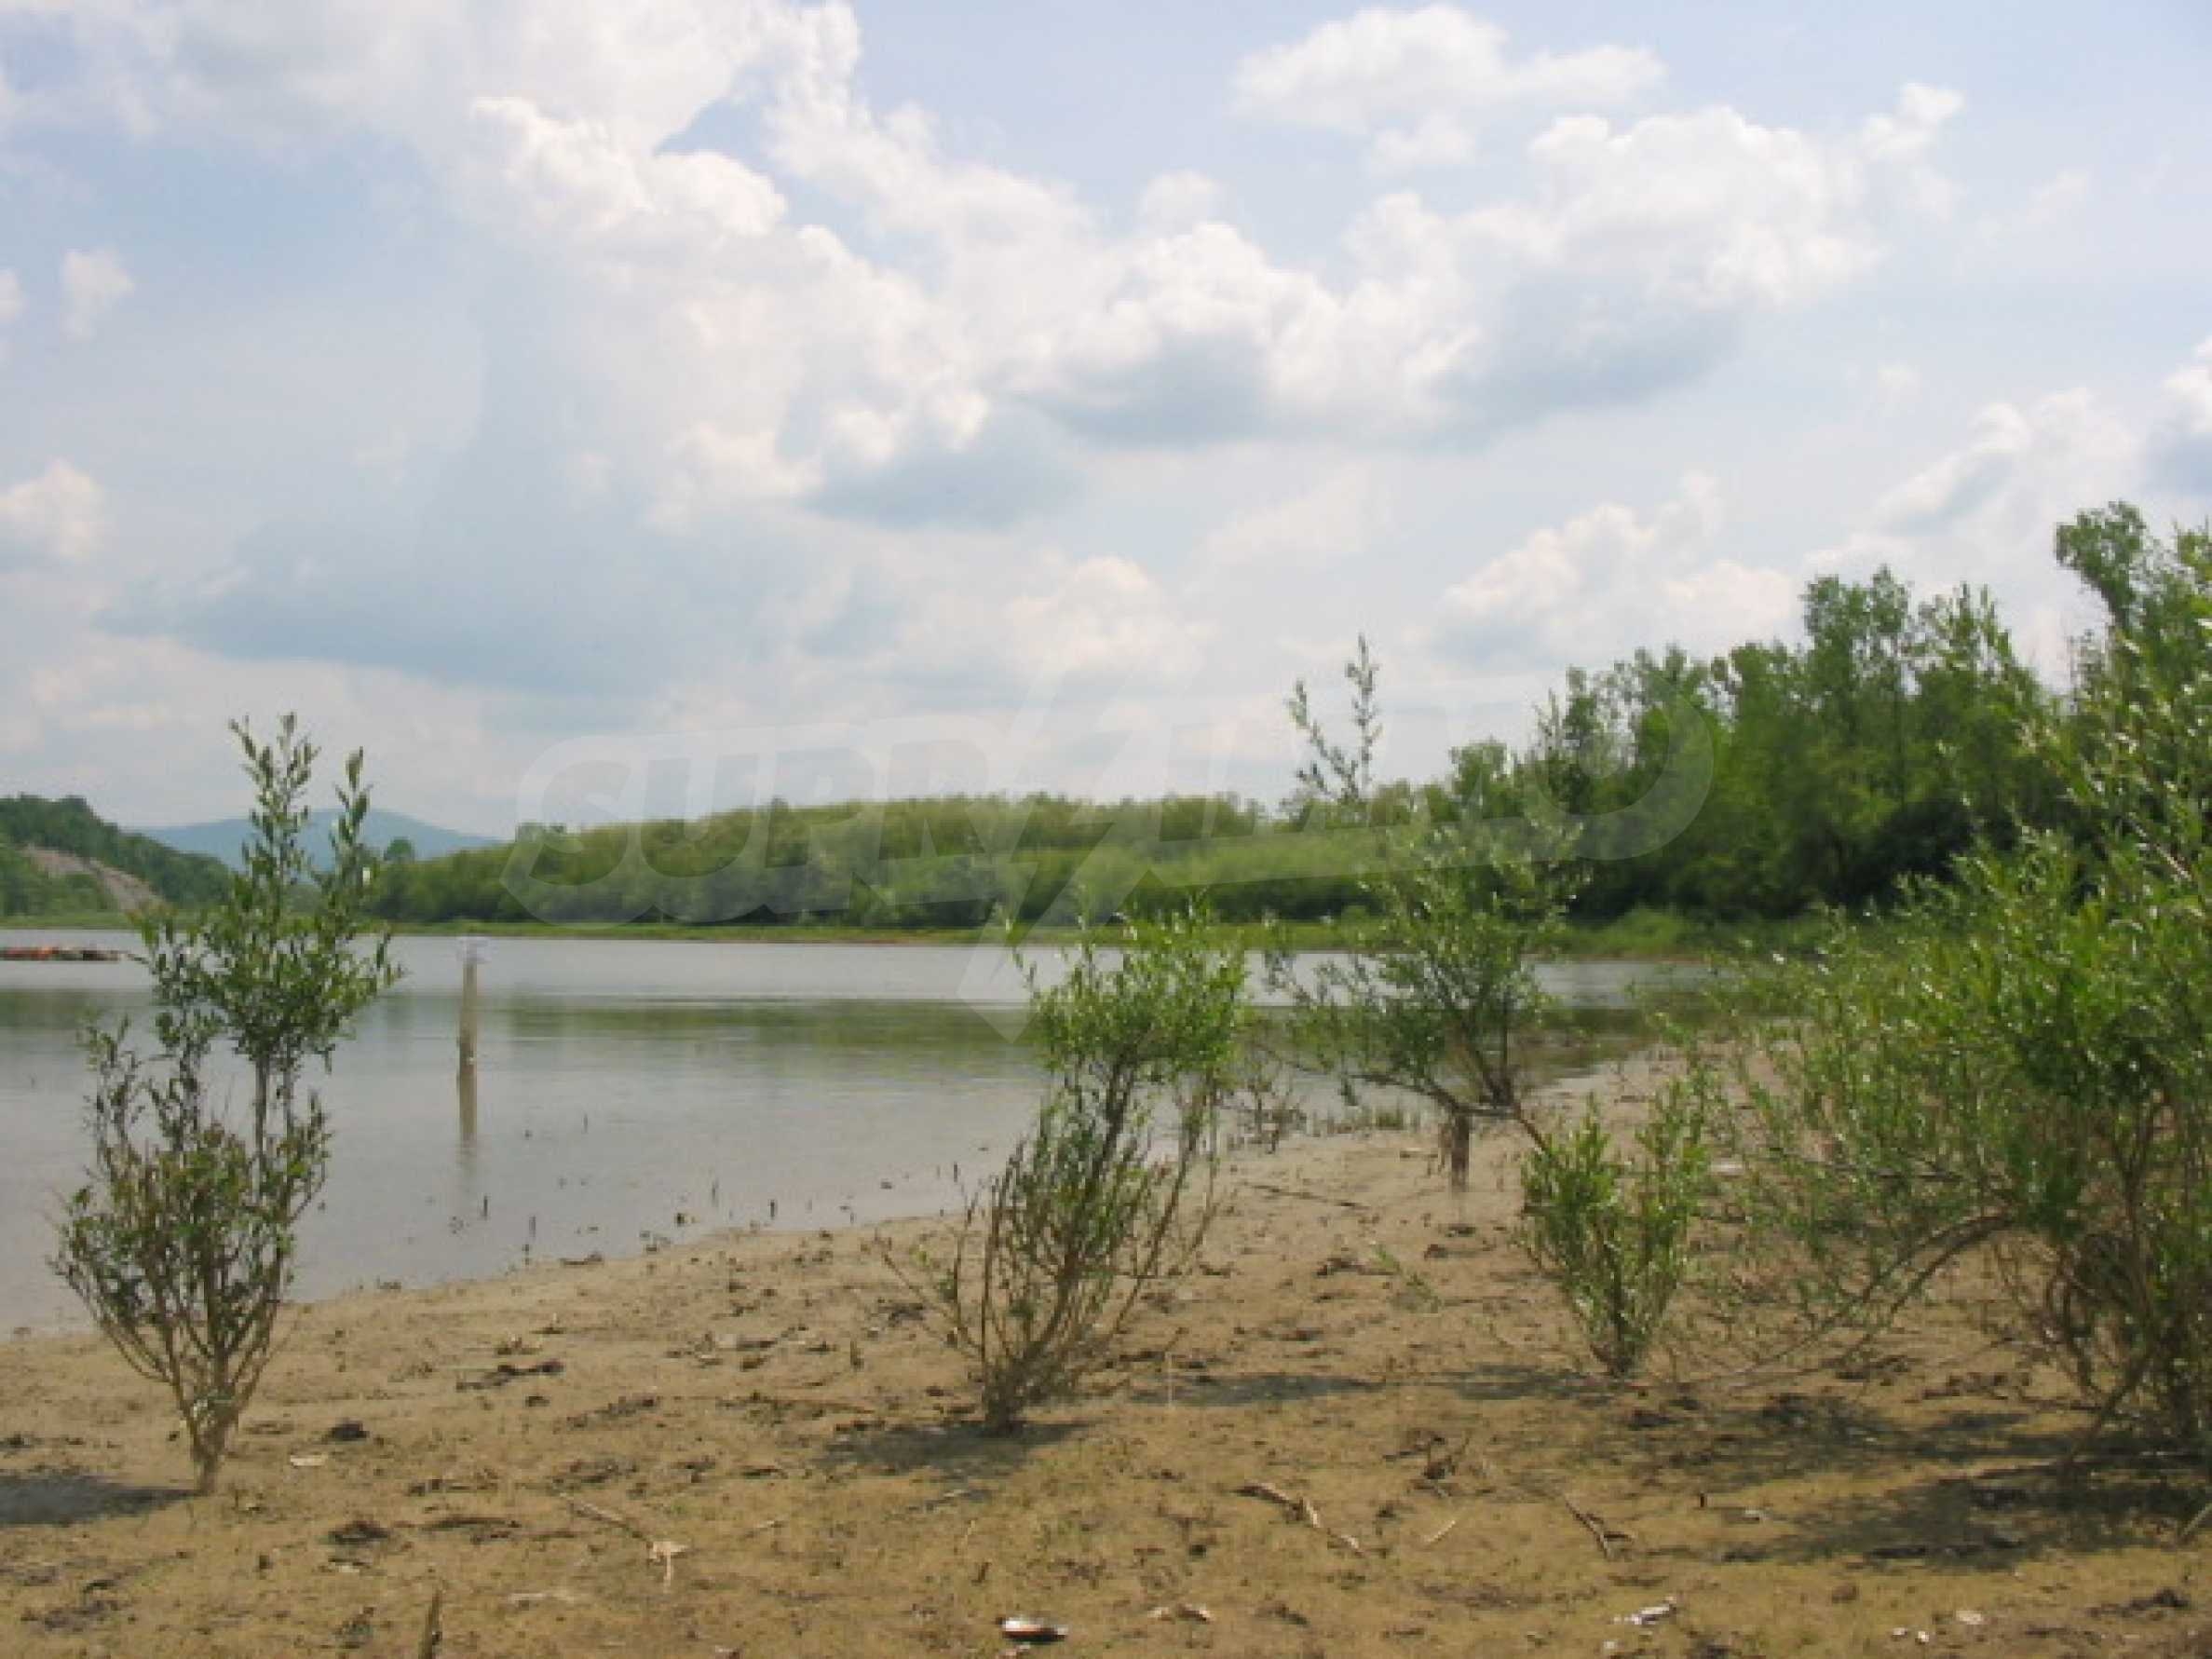 Damm mit angrenzendem Land 7 km von Veliko Tarnovo entfernt 9